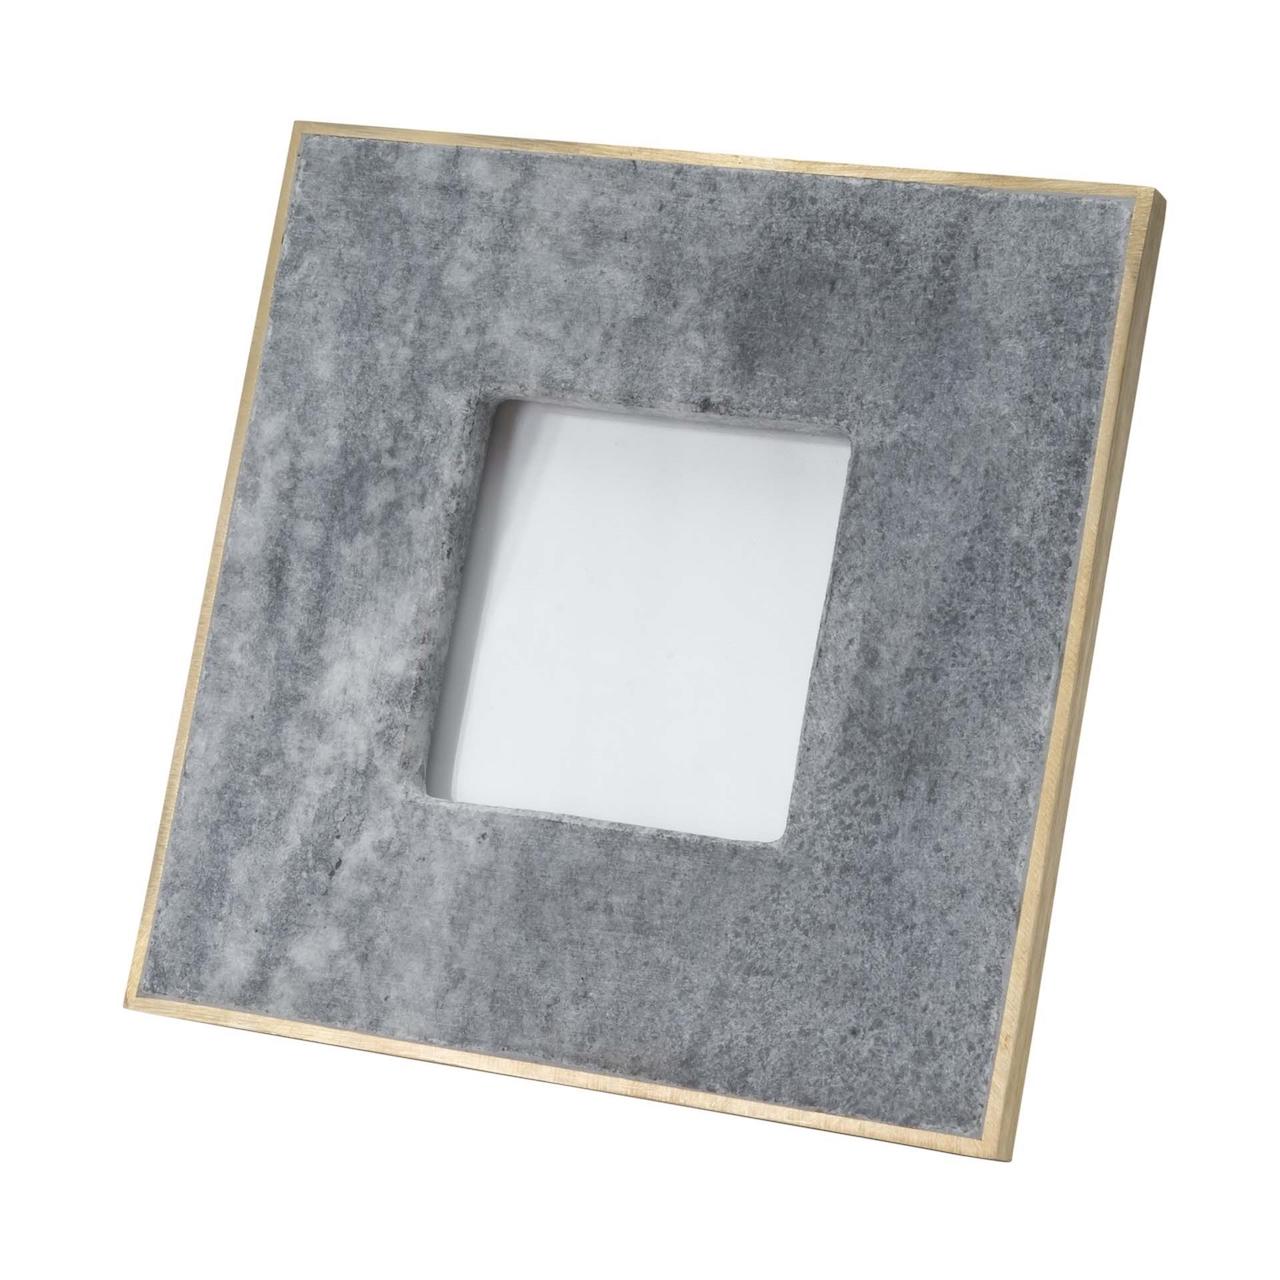 Marco para fotografías 3.5 x 3.5 aPicture Frame Small Black | alvaluz.com